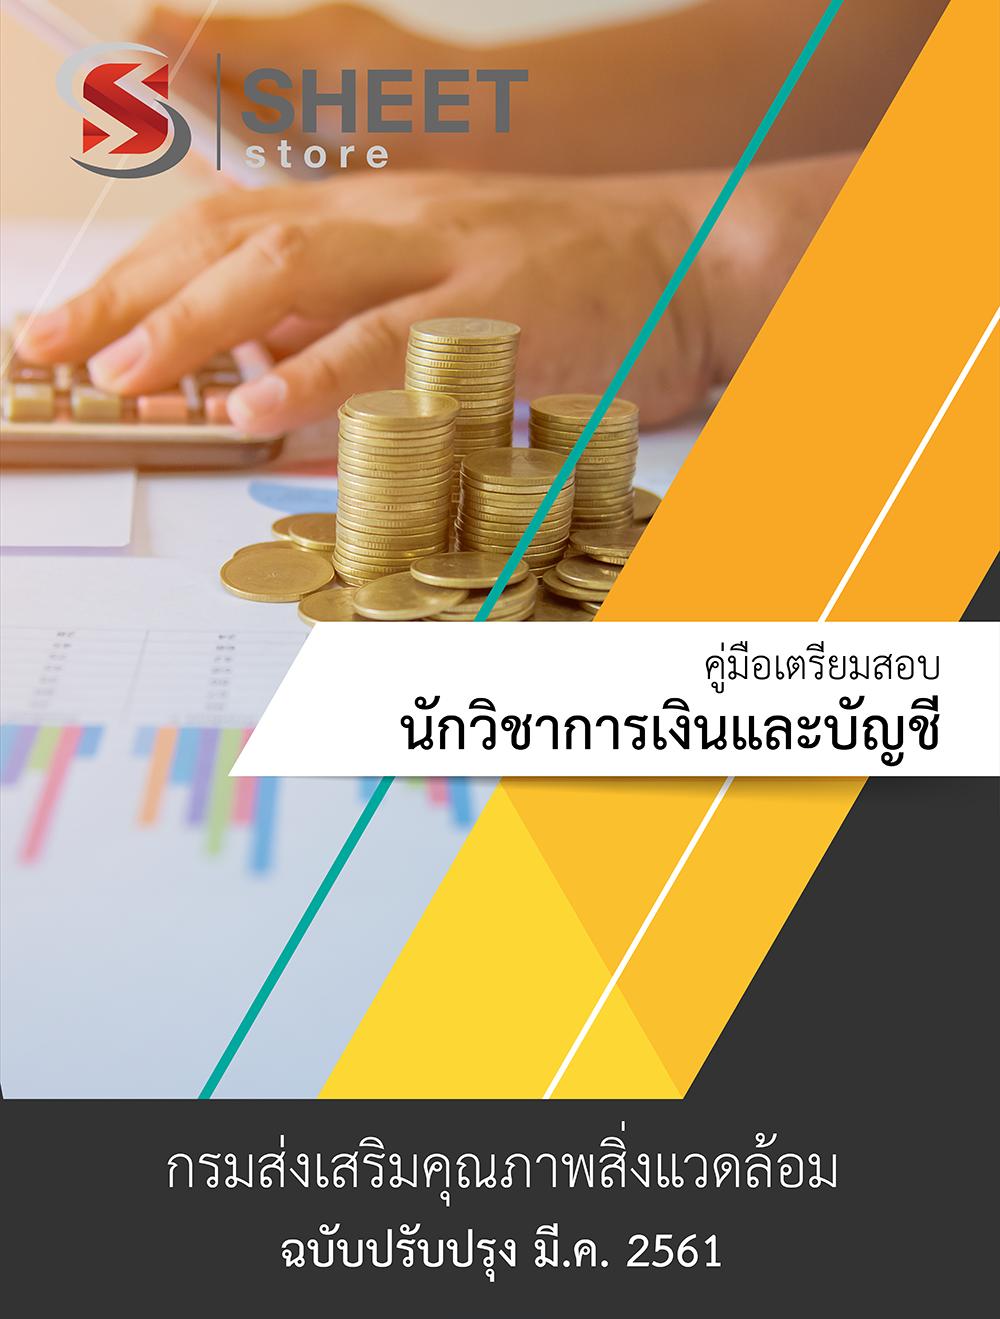 แนวข้อสอบ นักวิชาการเงินและบัญชี (ปริญญาตรี) กรมส่งเสริมคุณภาพสิ่งแวดล้อม